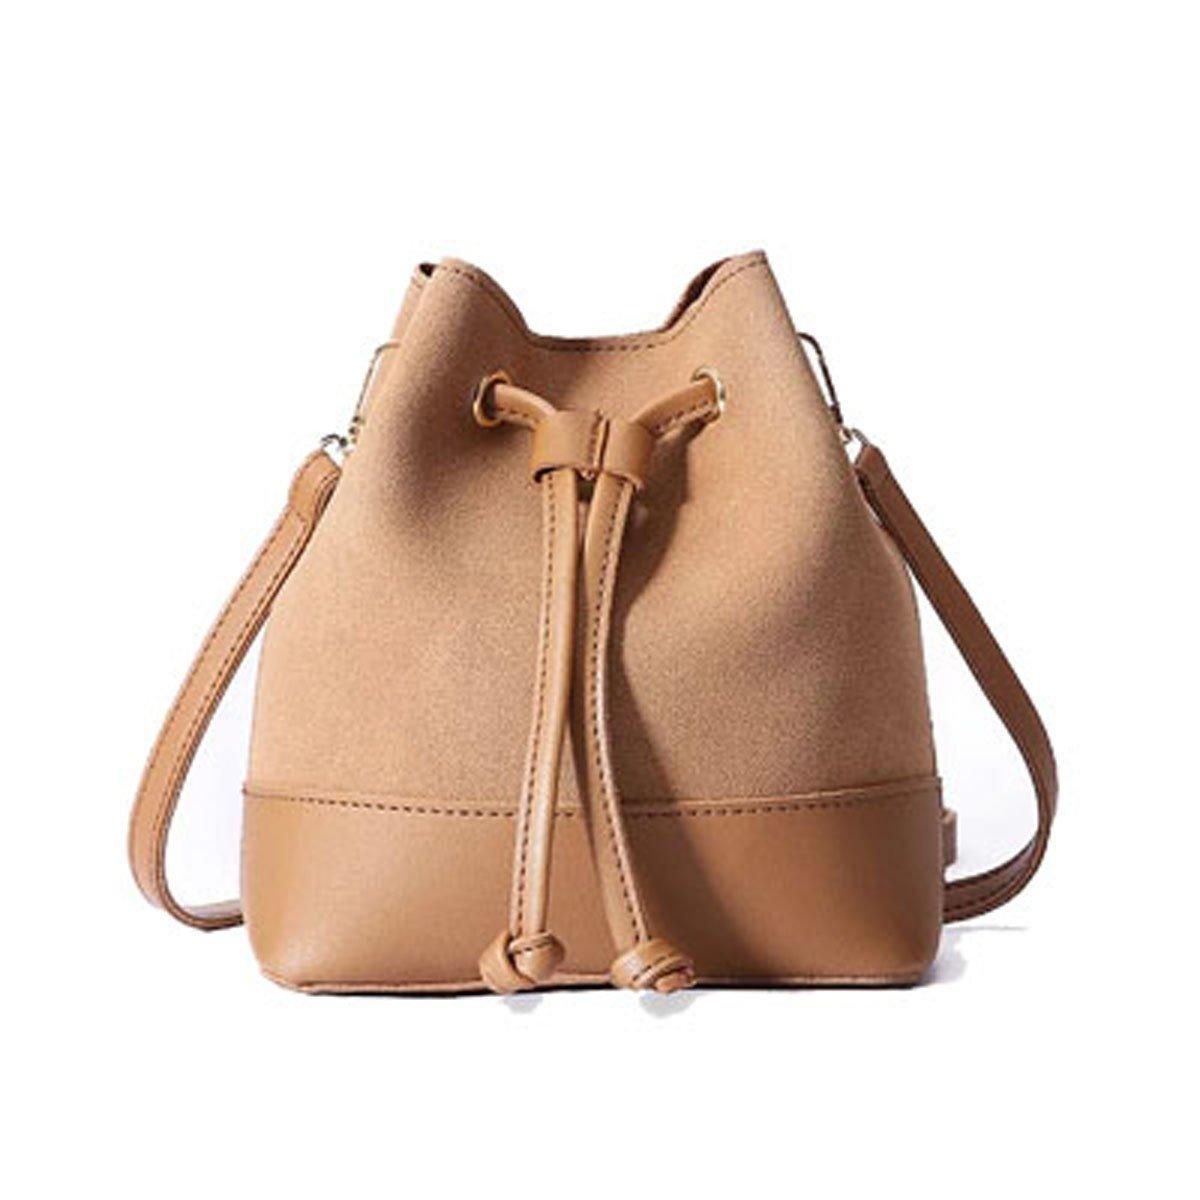 WFYJY-Tunnelzug Eimer Tasche Modisch und Einfach Lässig die Tasche vereiste einheitlichen Schulter Schrägen Tasche Flut.